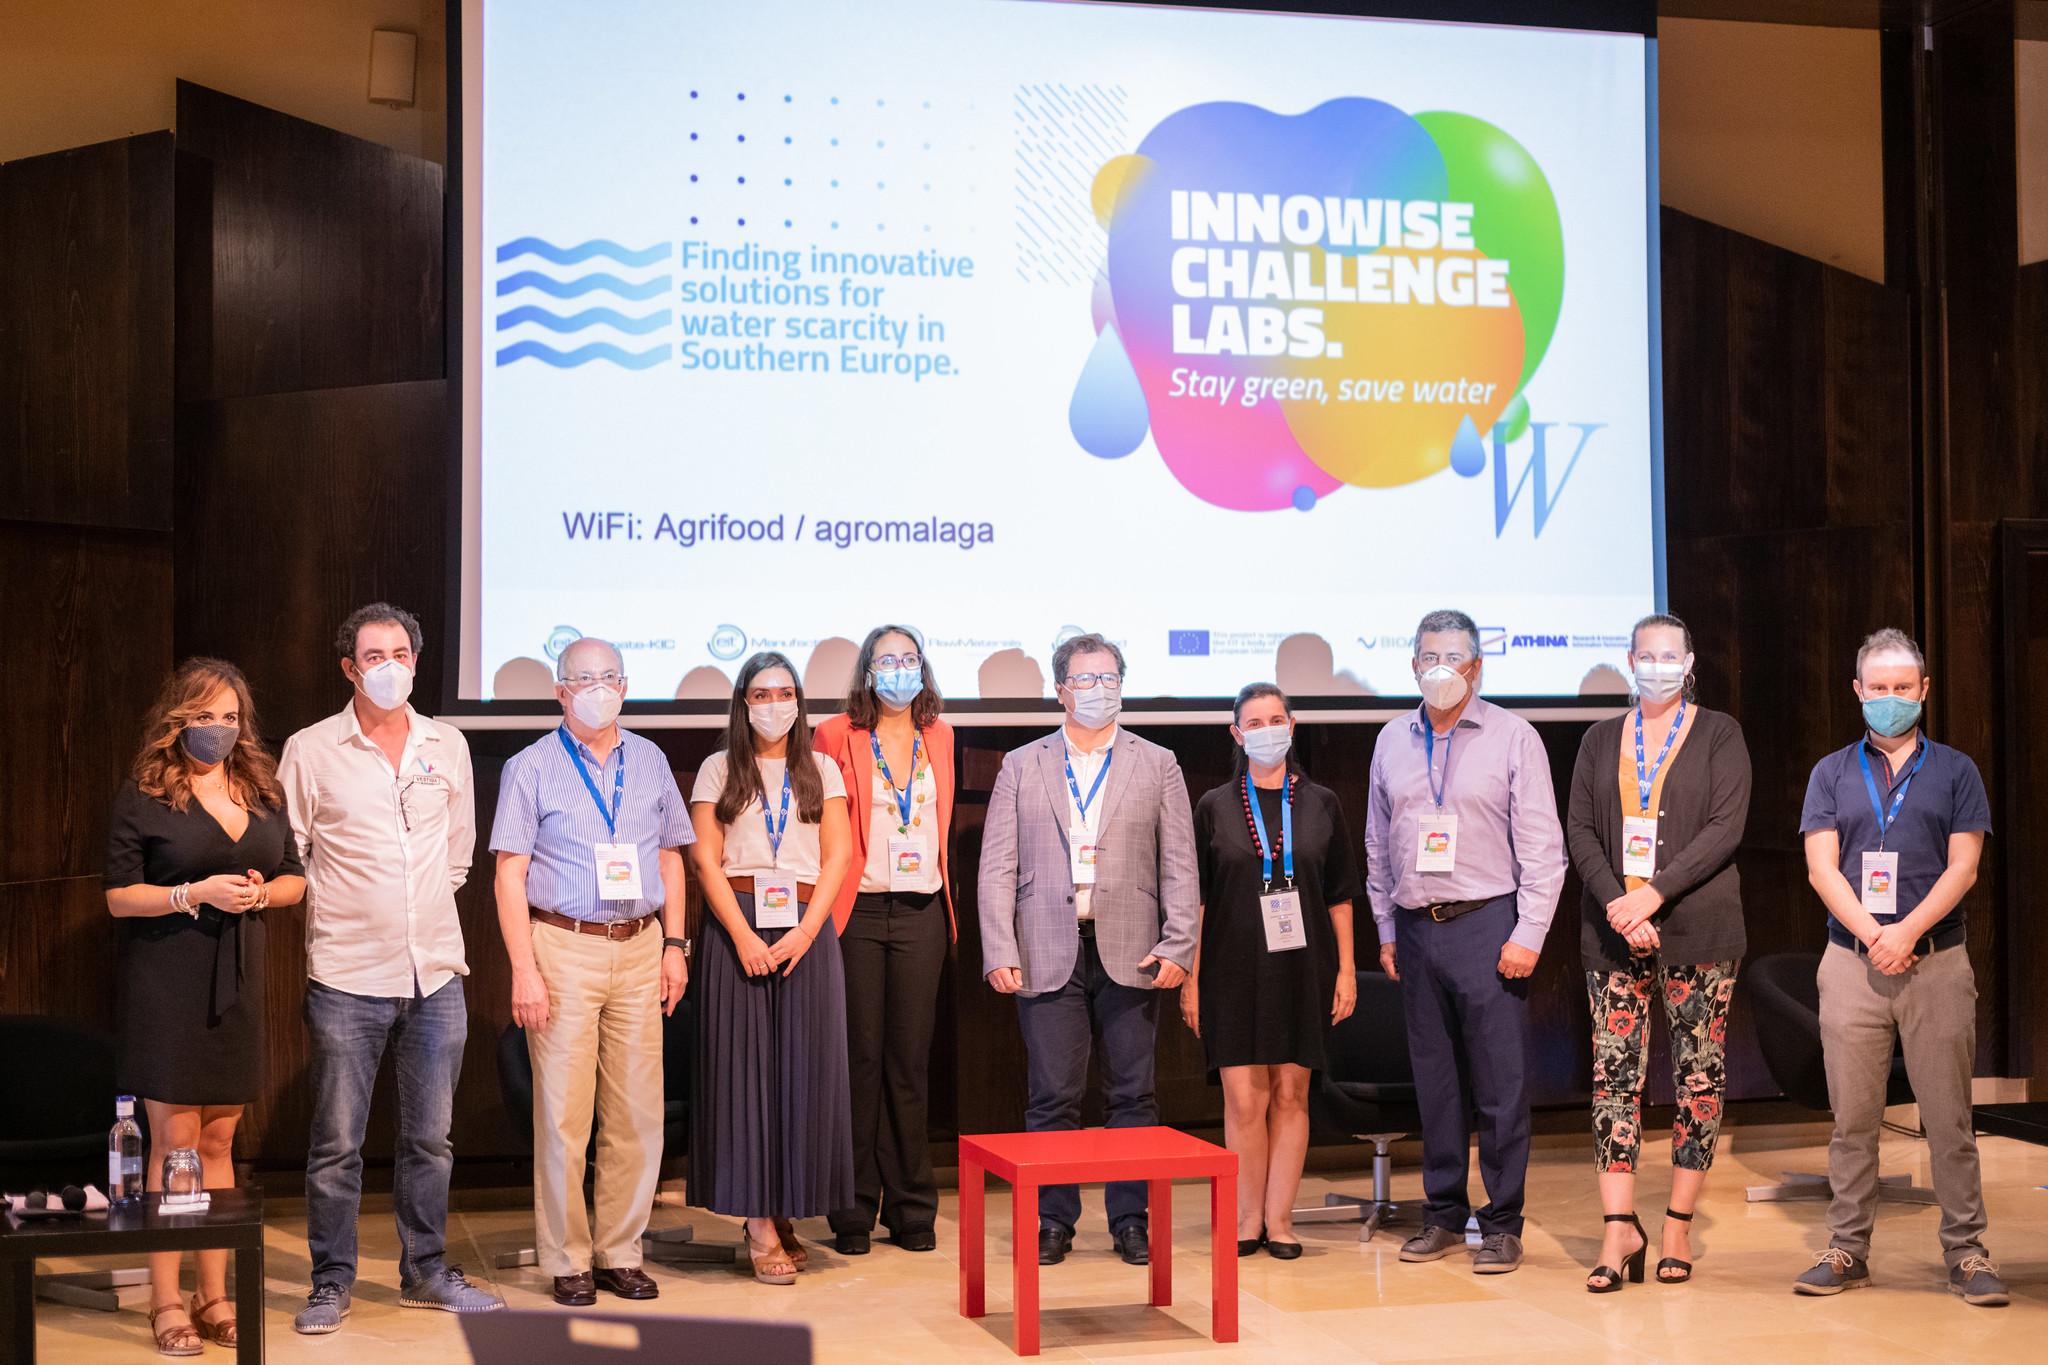 El Instituto Europeo de Innovación selecciona a 20 empresas innovadoras para encontrar soluciones a la escasez de agua